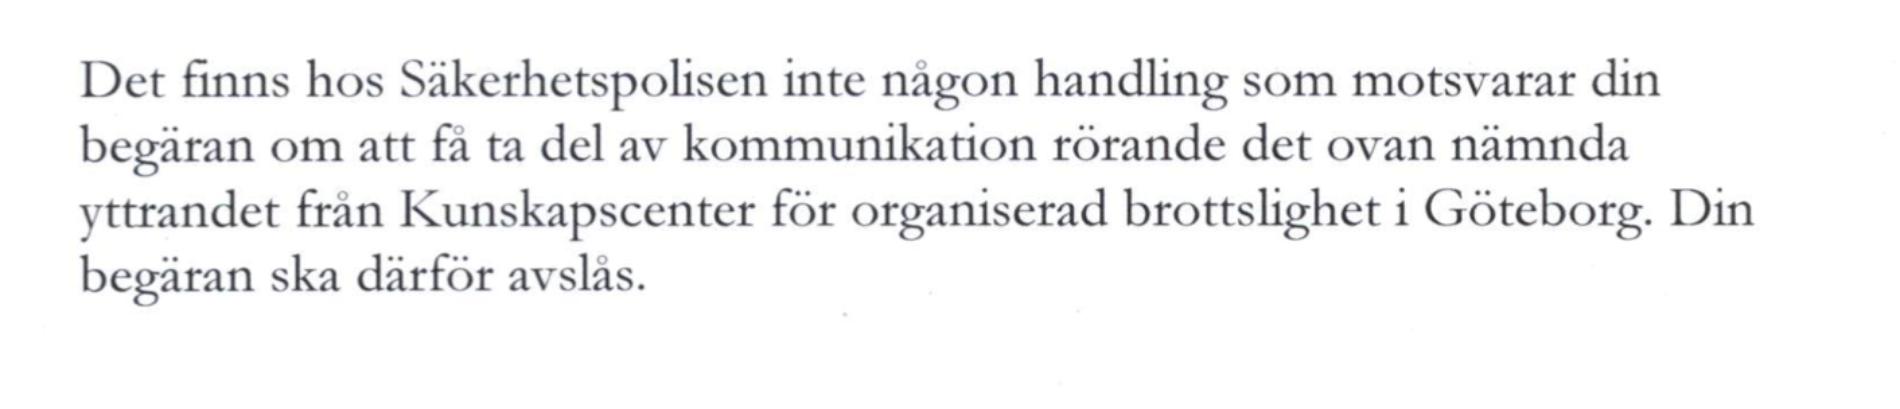 Samlad bedömning del 6. Säger Säpo att Ibn Rushd har ett extremistproblem?